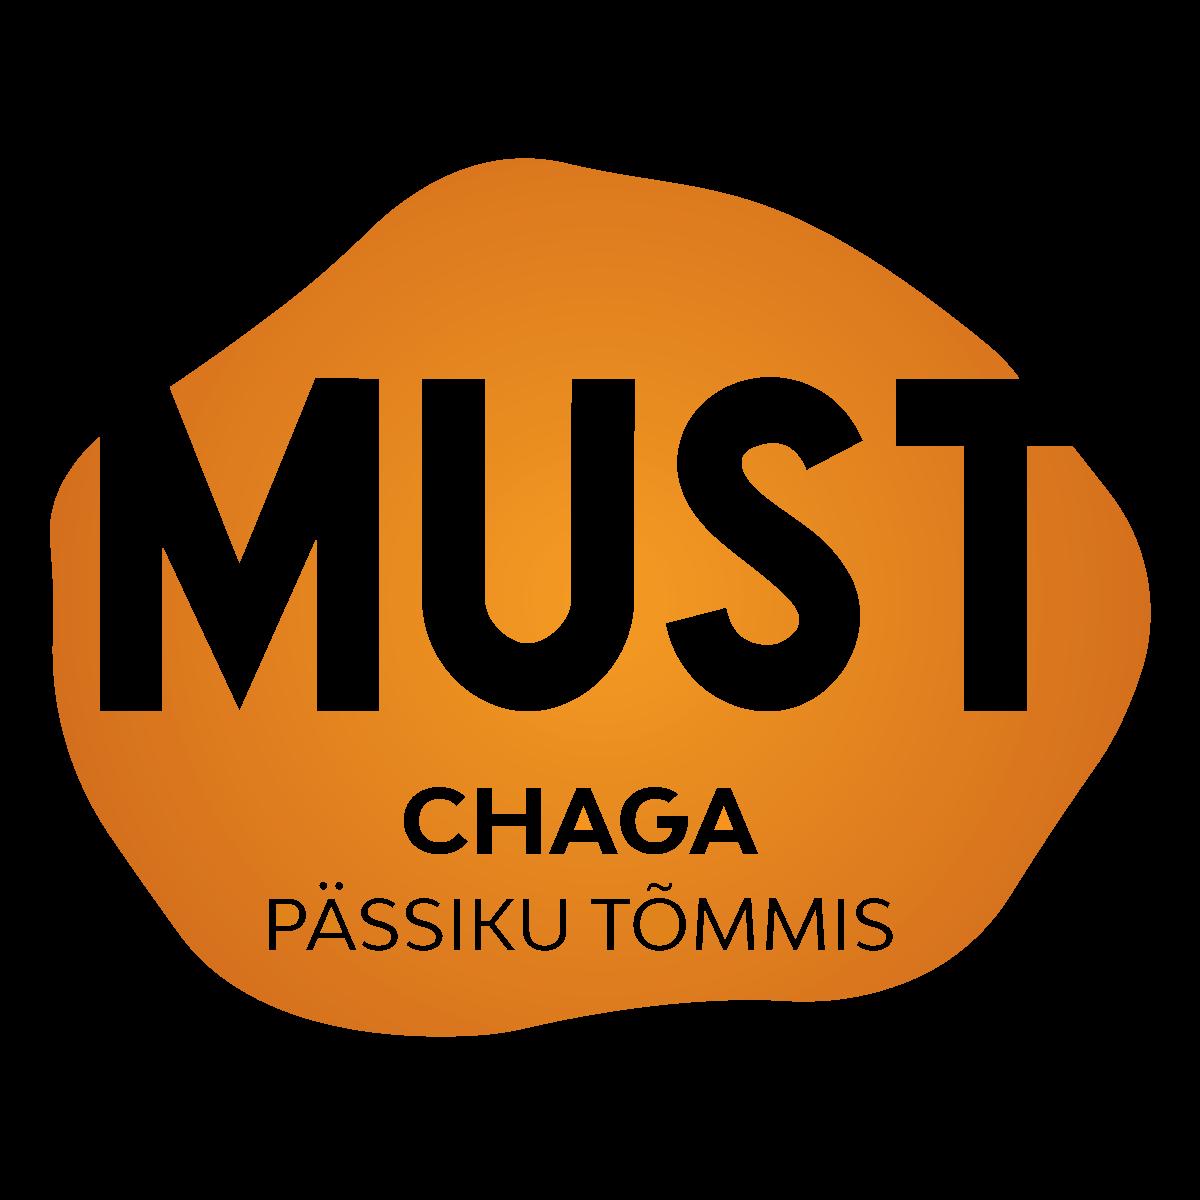 ChagaEst